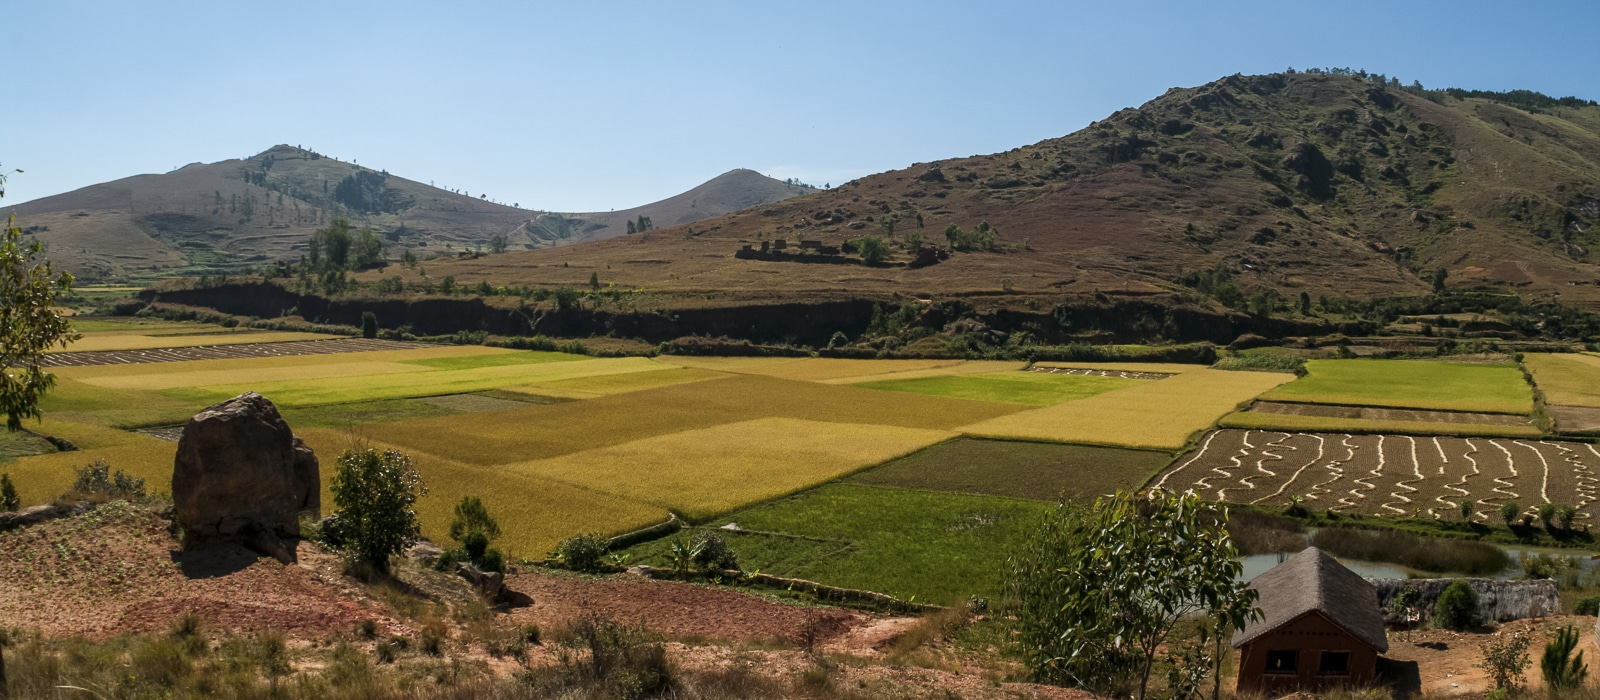 img-diapo-entete - Madagascar-1600x700-11.jpg